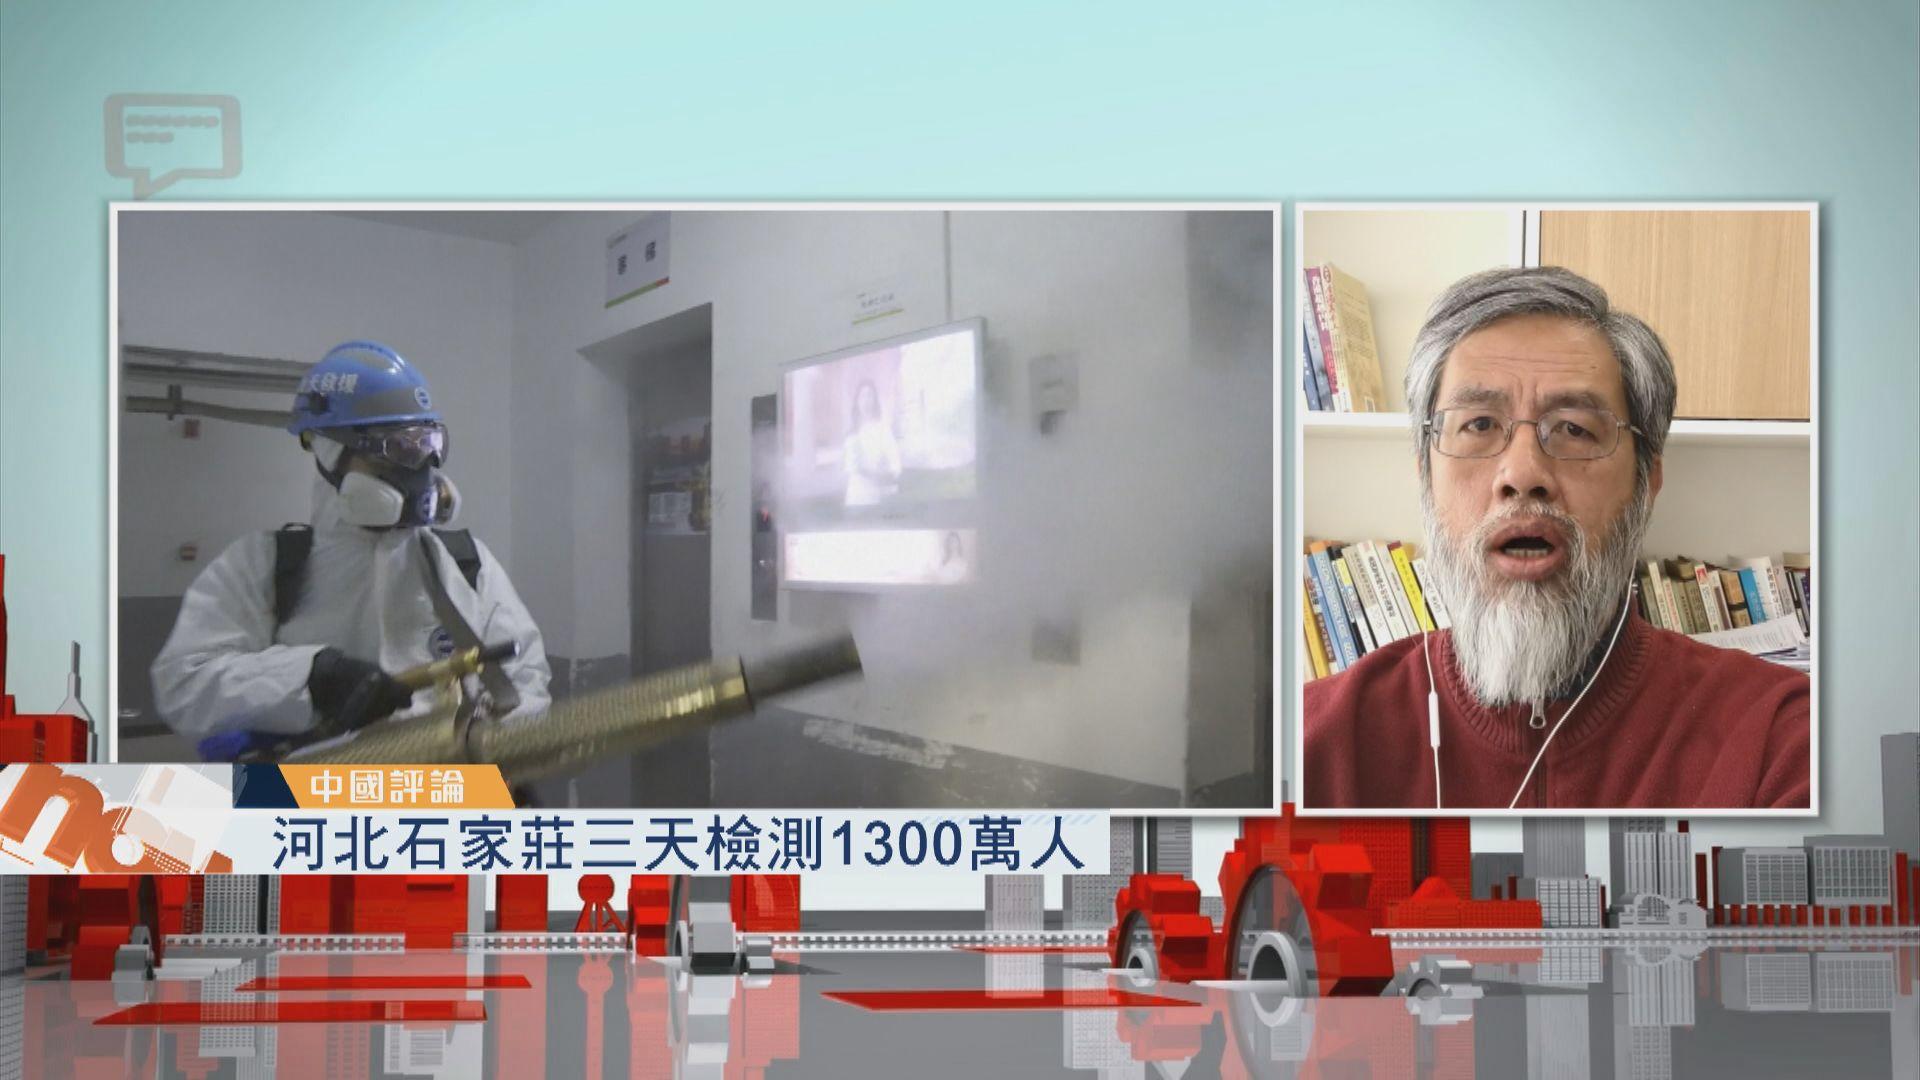 【中國評論】石家莊三天檢測千三萬人/去年汽車銷量